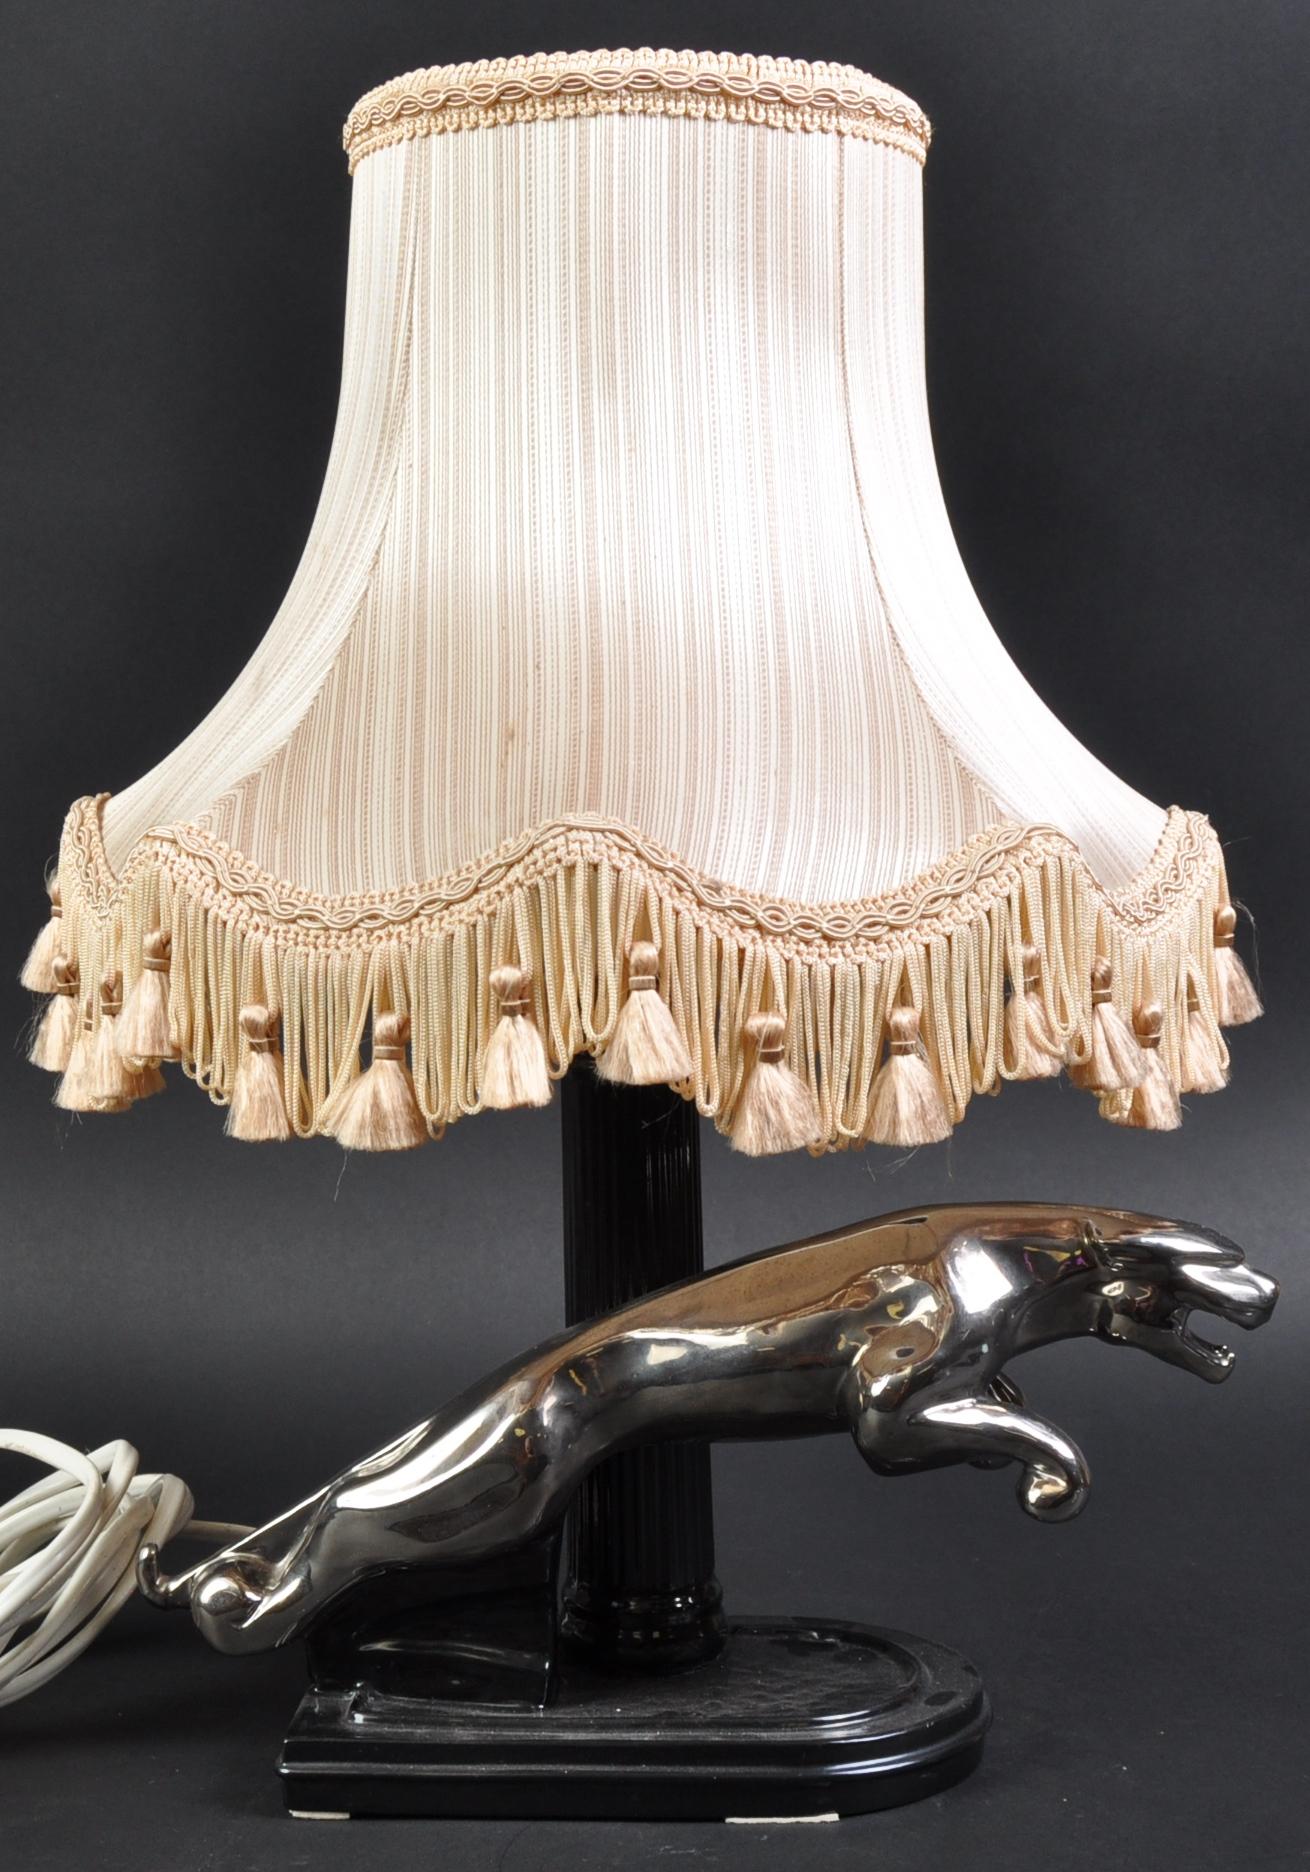 JAGUAR - ORIGINAL VINTAGE JAGUAR CHINA LAMP